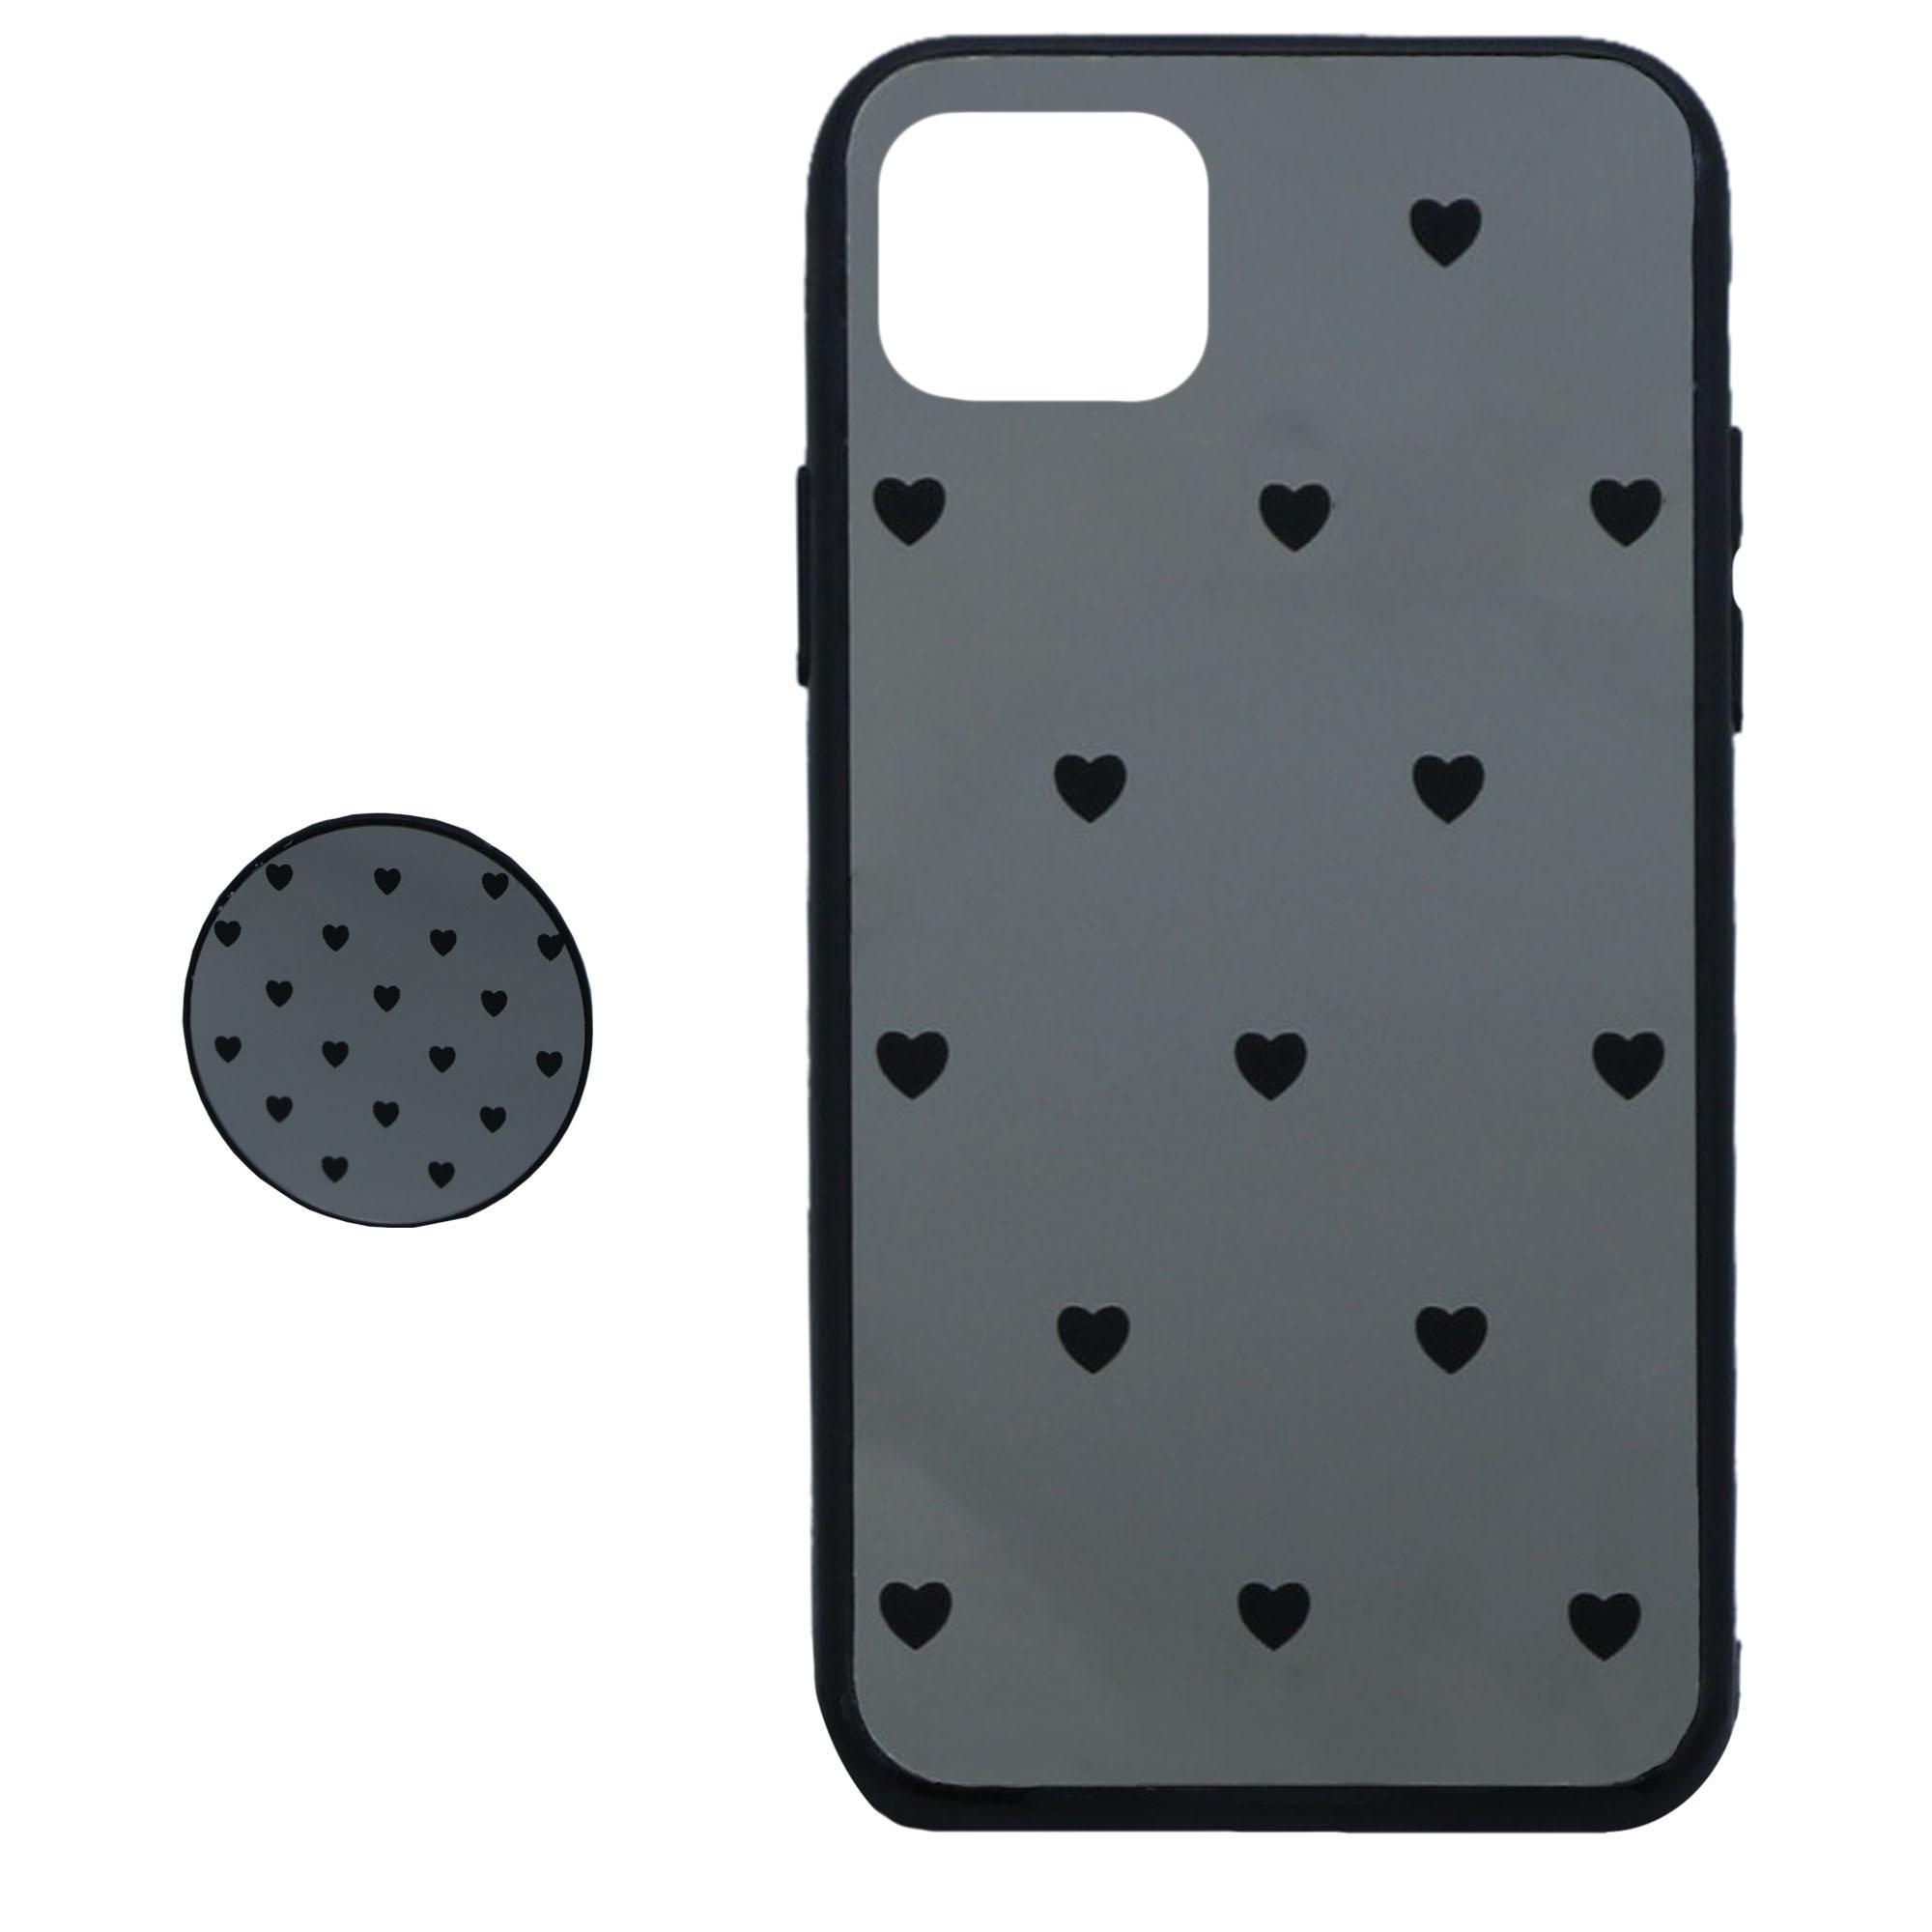 کاور طرح Heart مدل BH-01 مناسب برای گوشی موبایل اپل  Iphone 11 Pro Maxبه همراه نگهدارنده thumb